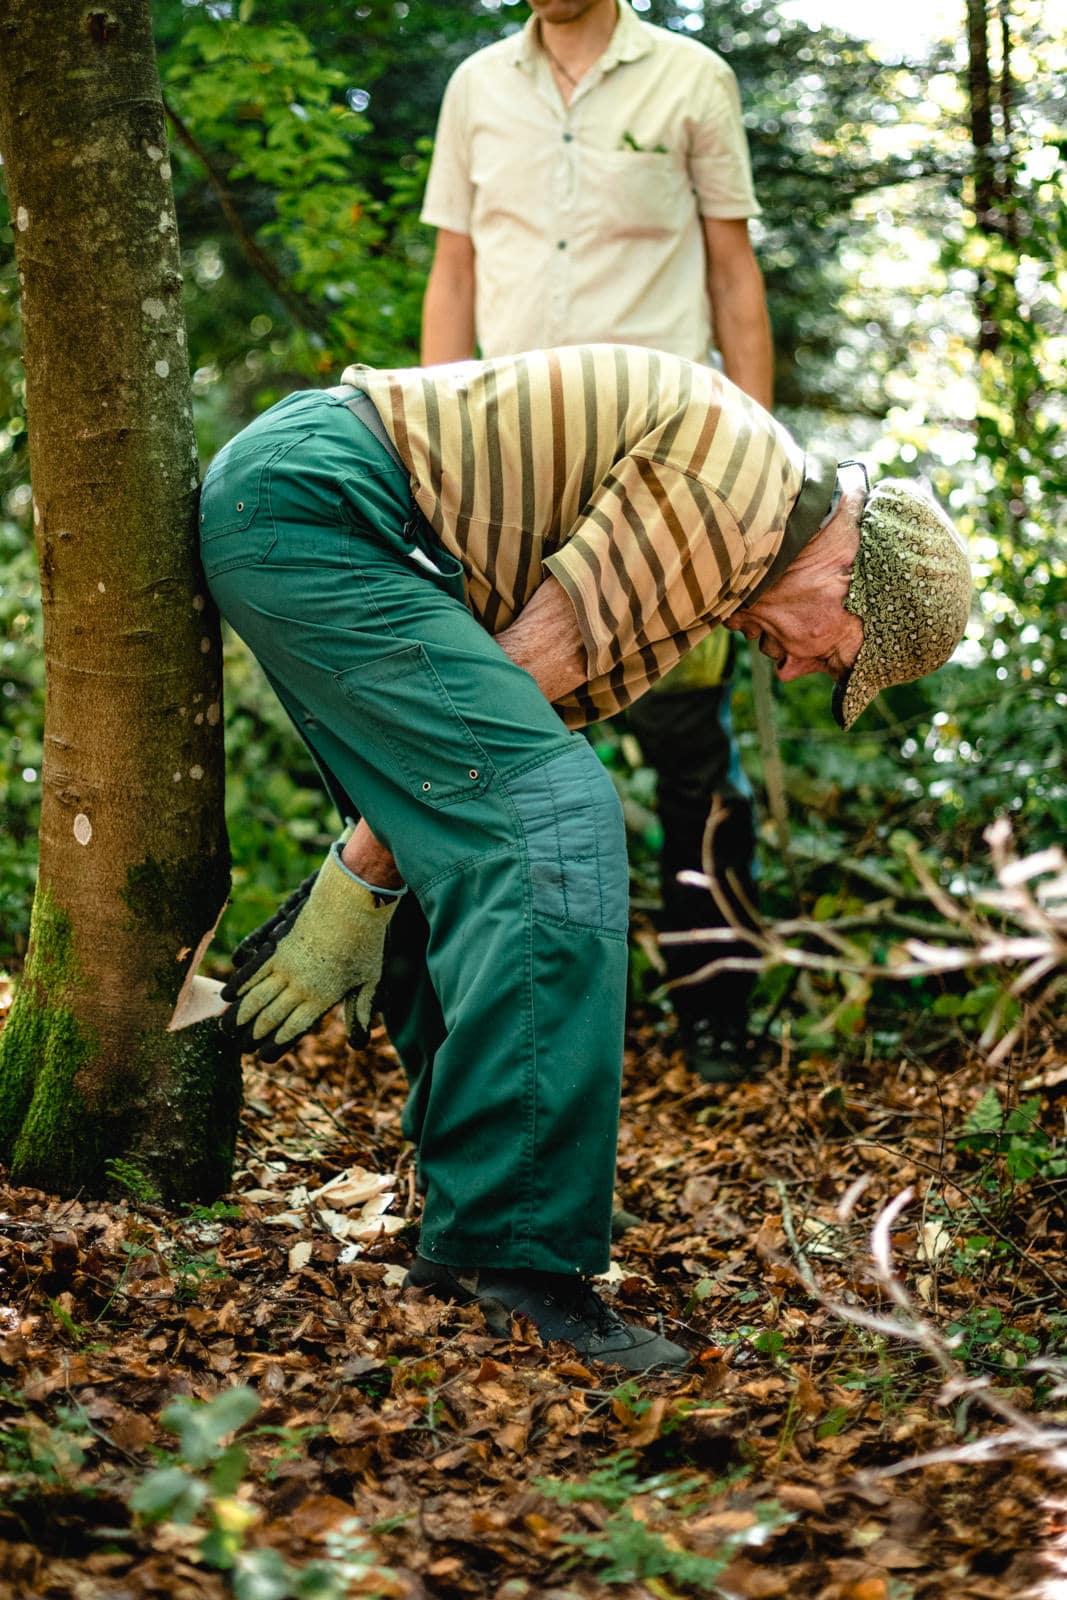 Ein Mann steht an einem Baum und misst die Fallrichtung eines Baumes